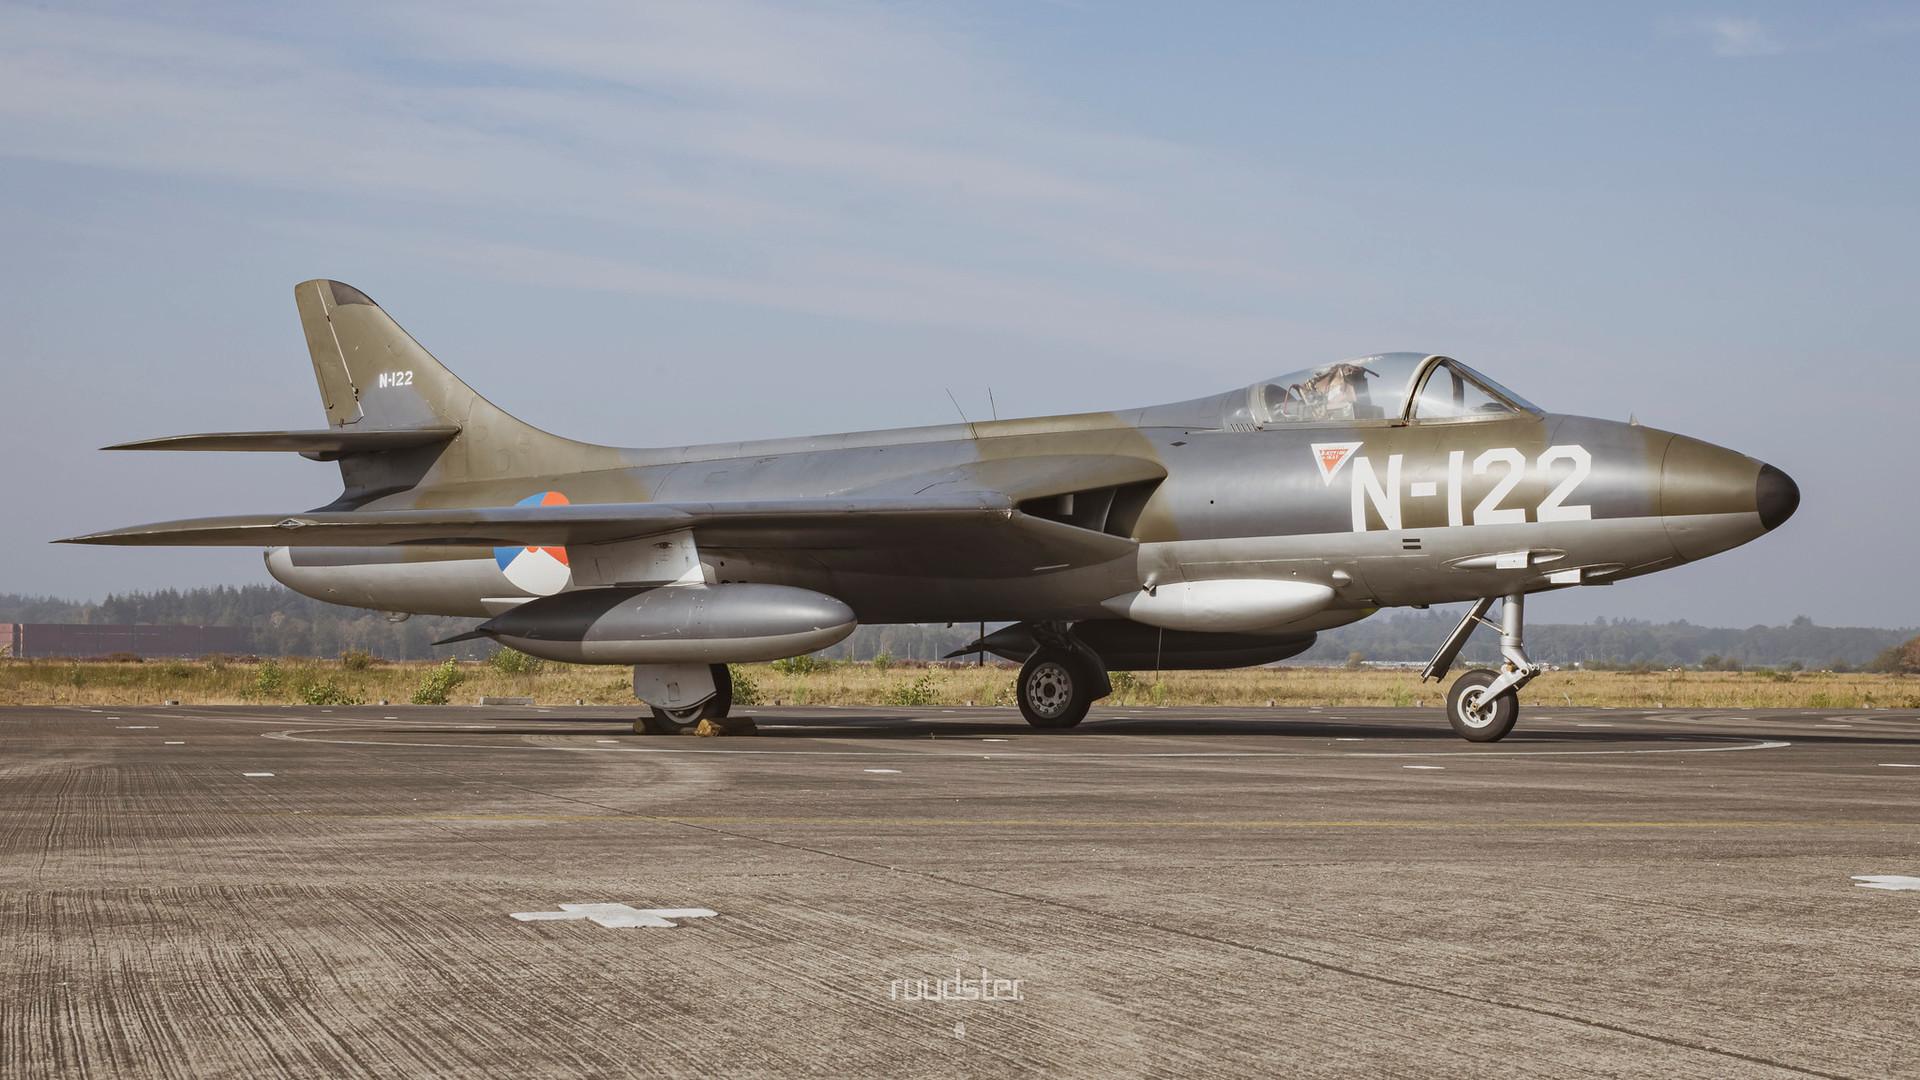 N-122   Build: 1956 - Hawker Hunter F.Mk.4